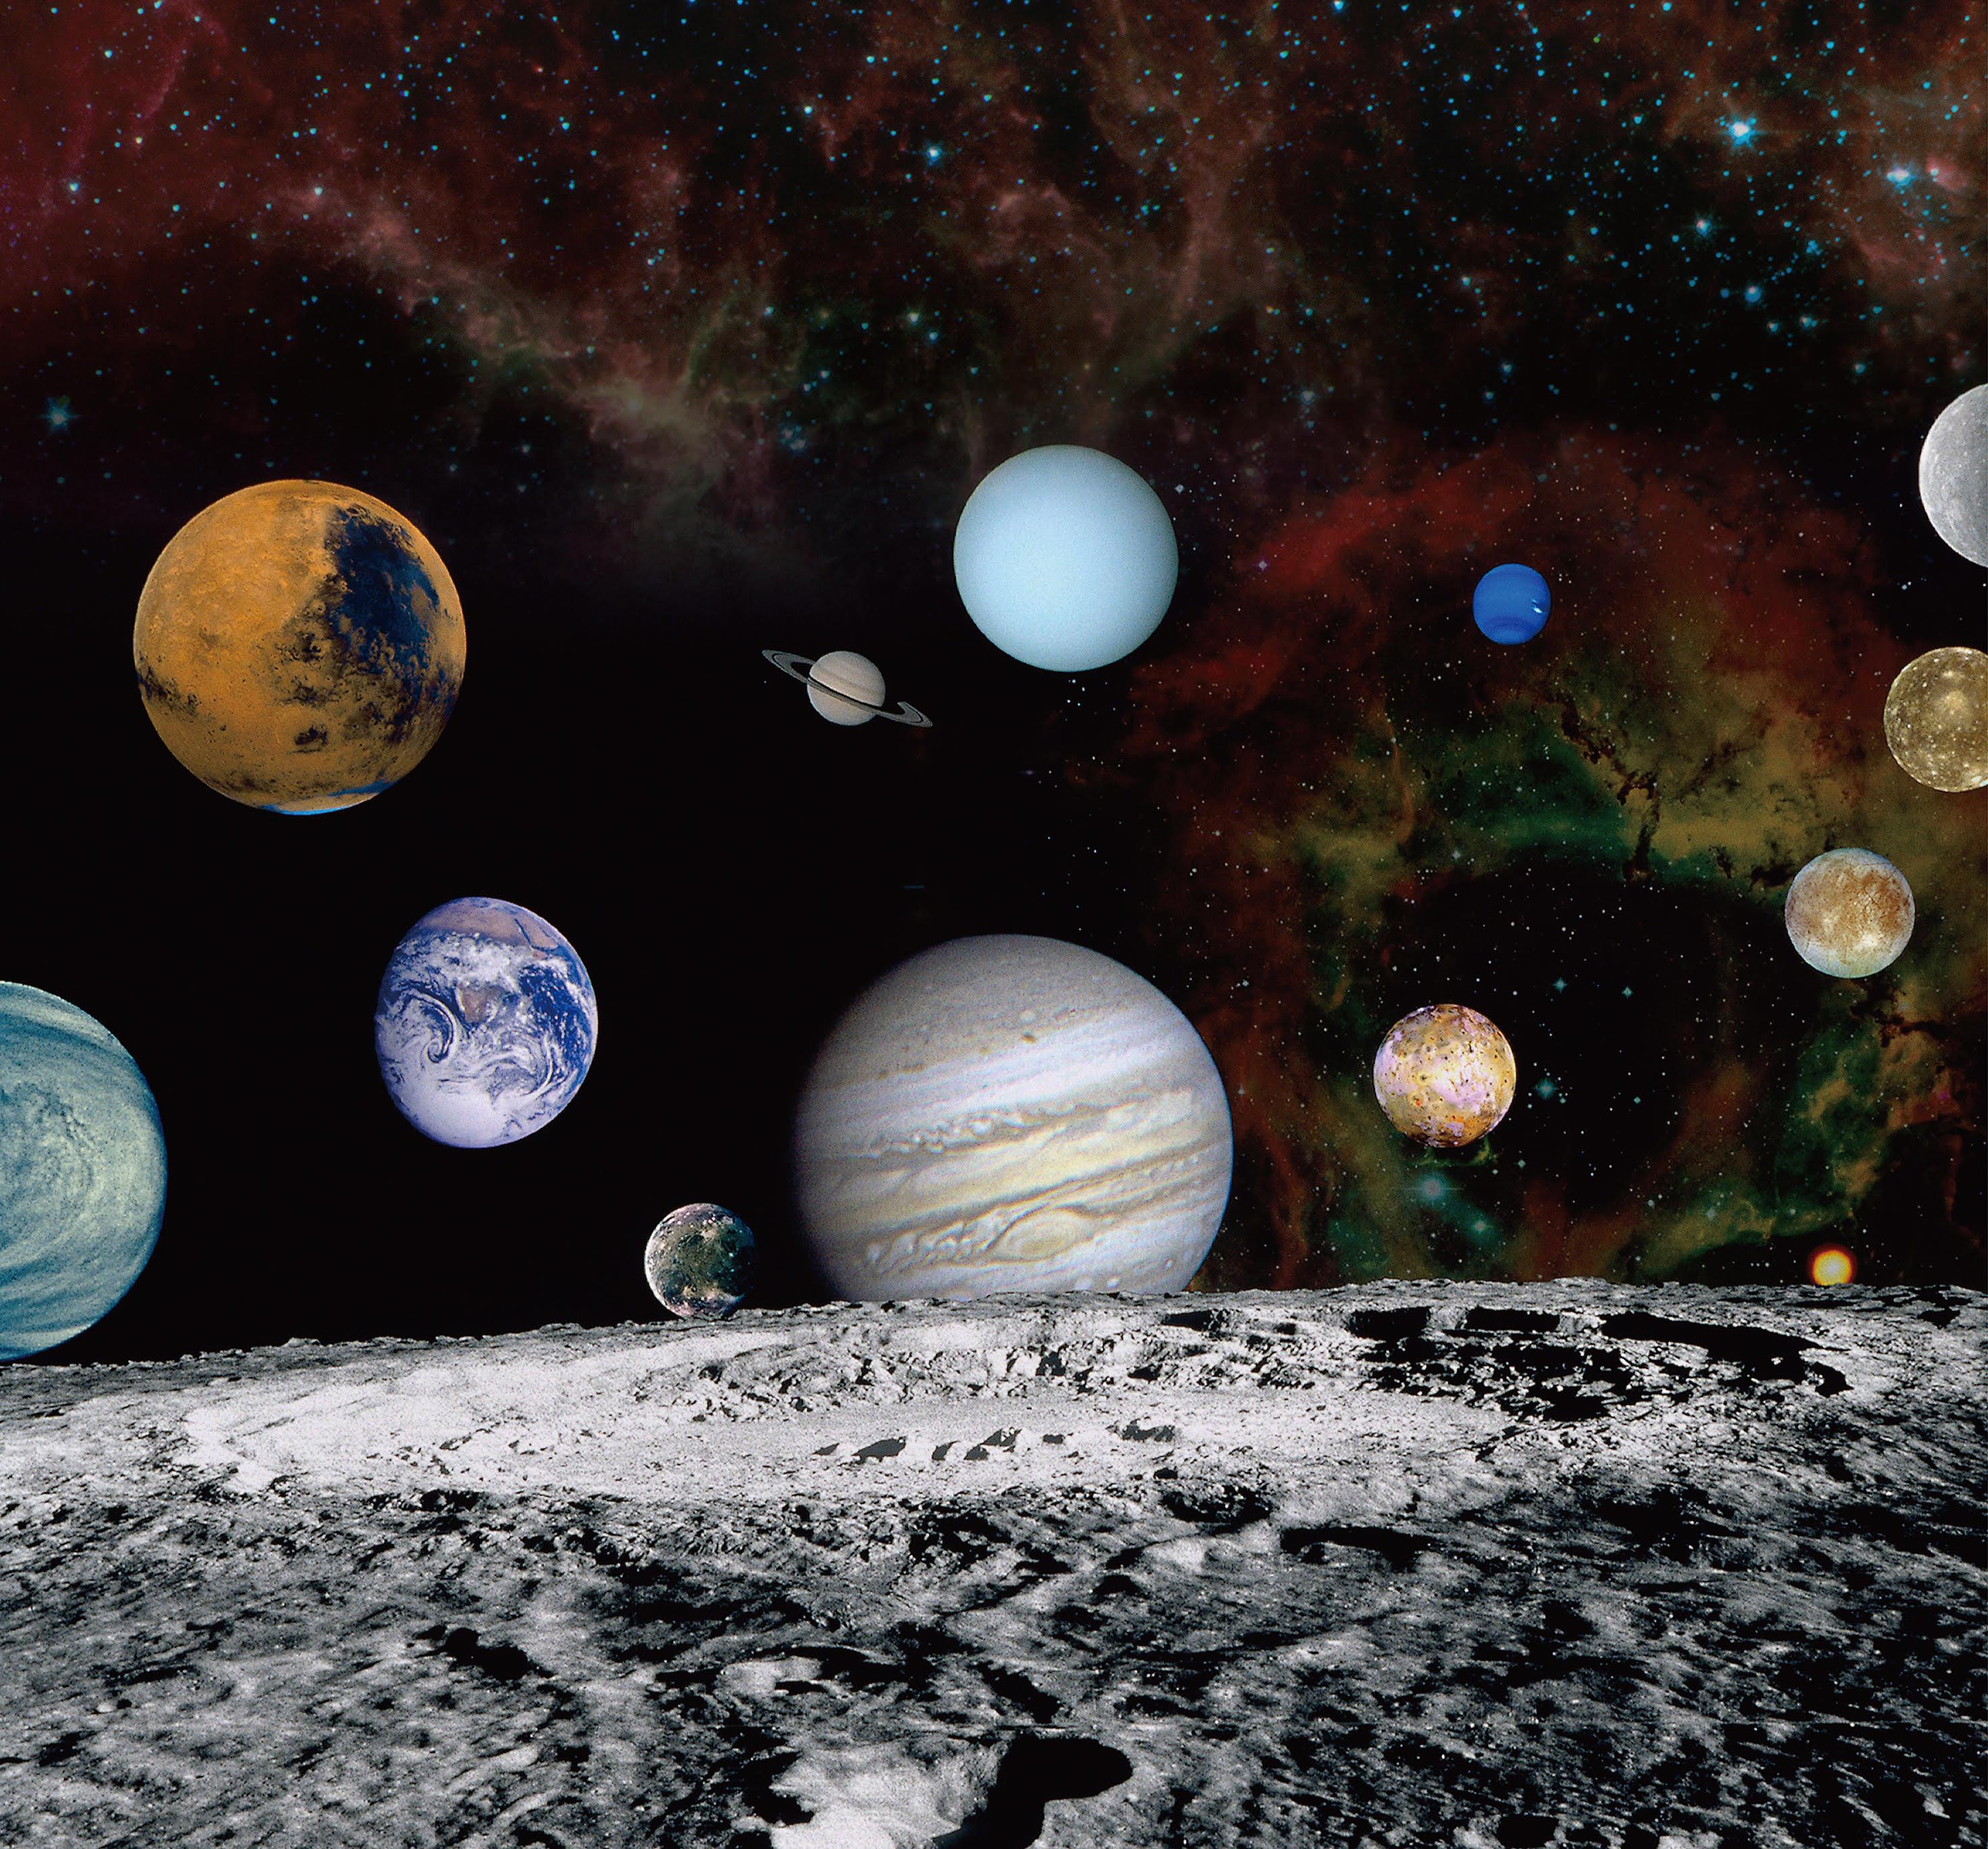 參考文章│在夏威夷山頂窺見古老的星系──王為豪專訪 、電腦裡的小宇宙,重現絢麗的恆星爆炸!專訪陳科榮